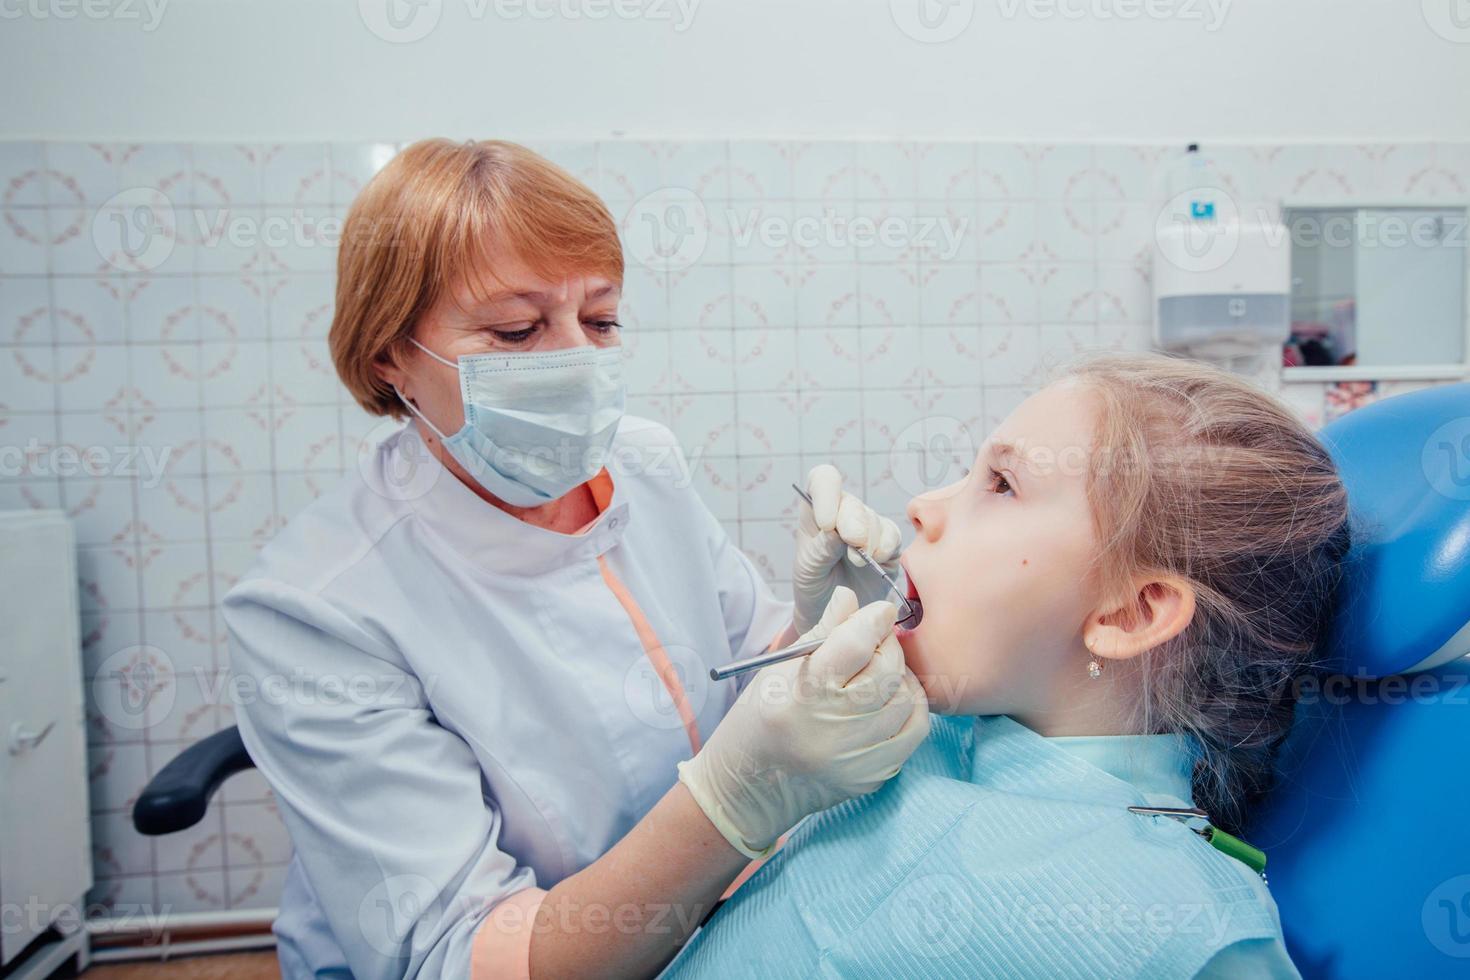 bambina seduta nell'ufficio dei dentisti foto